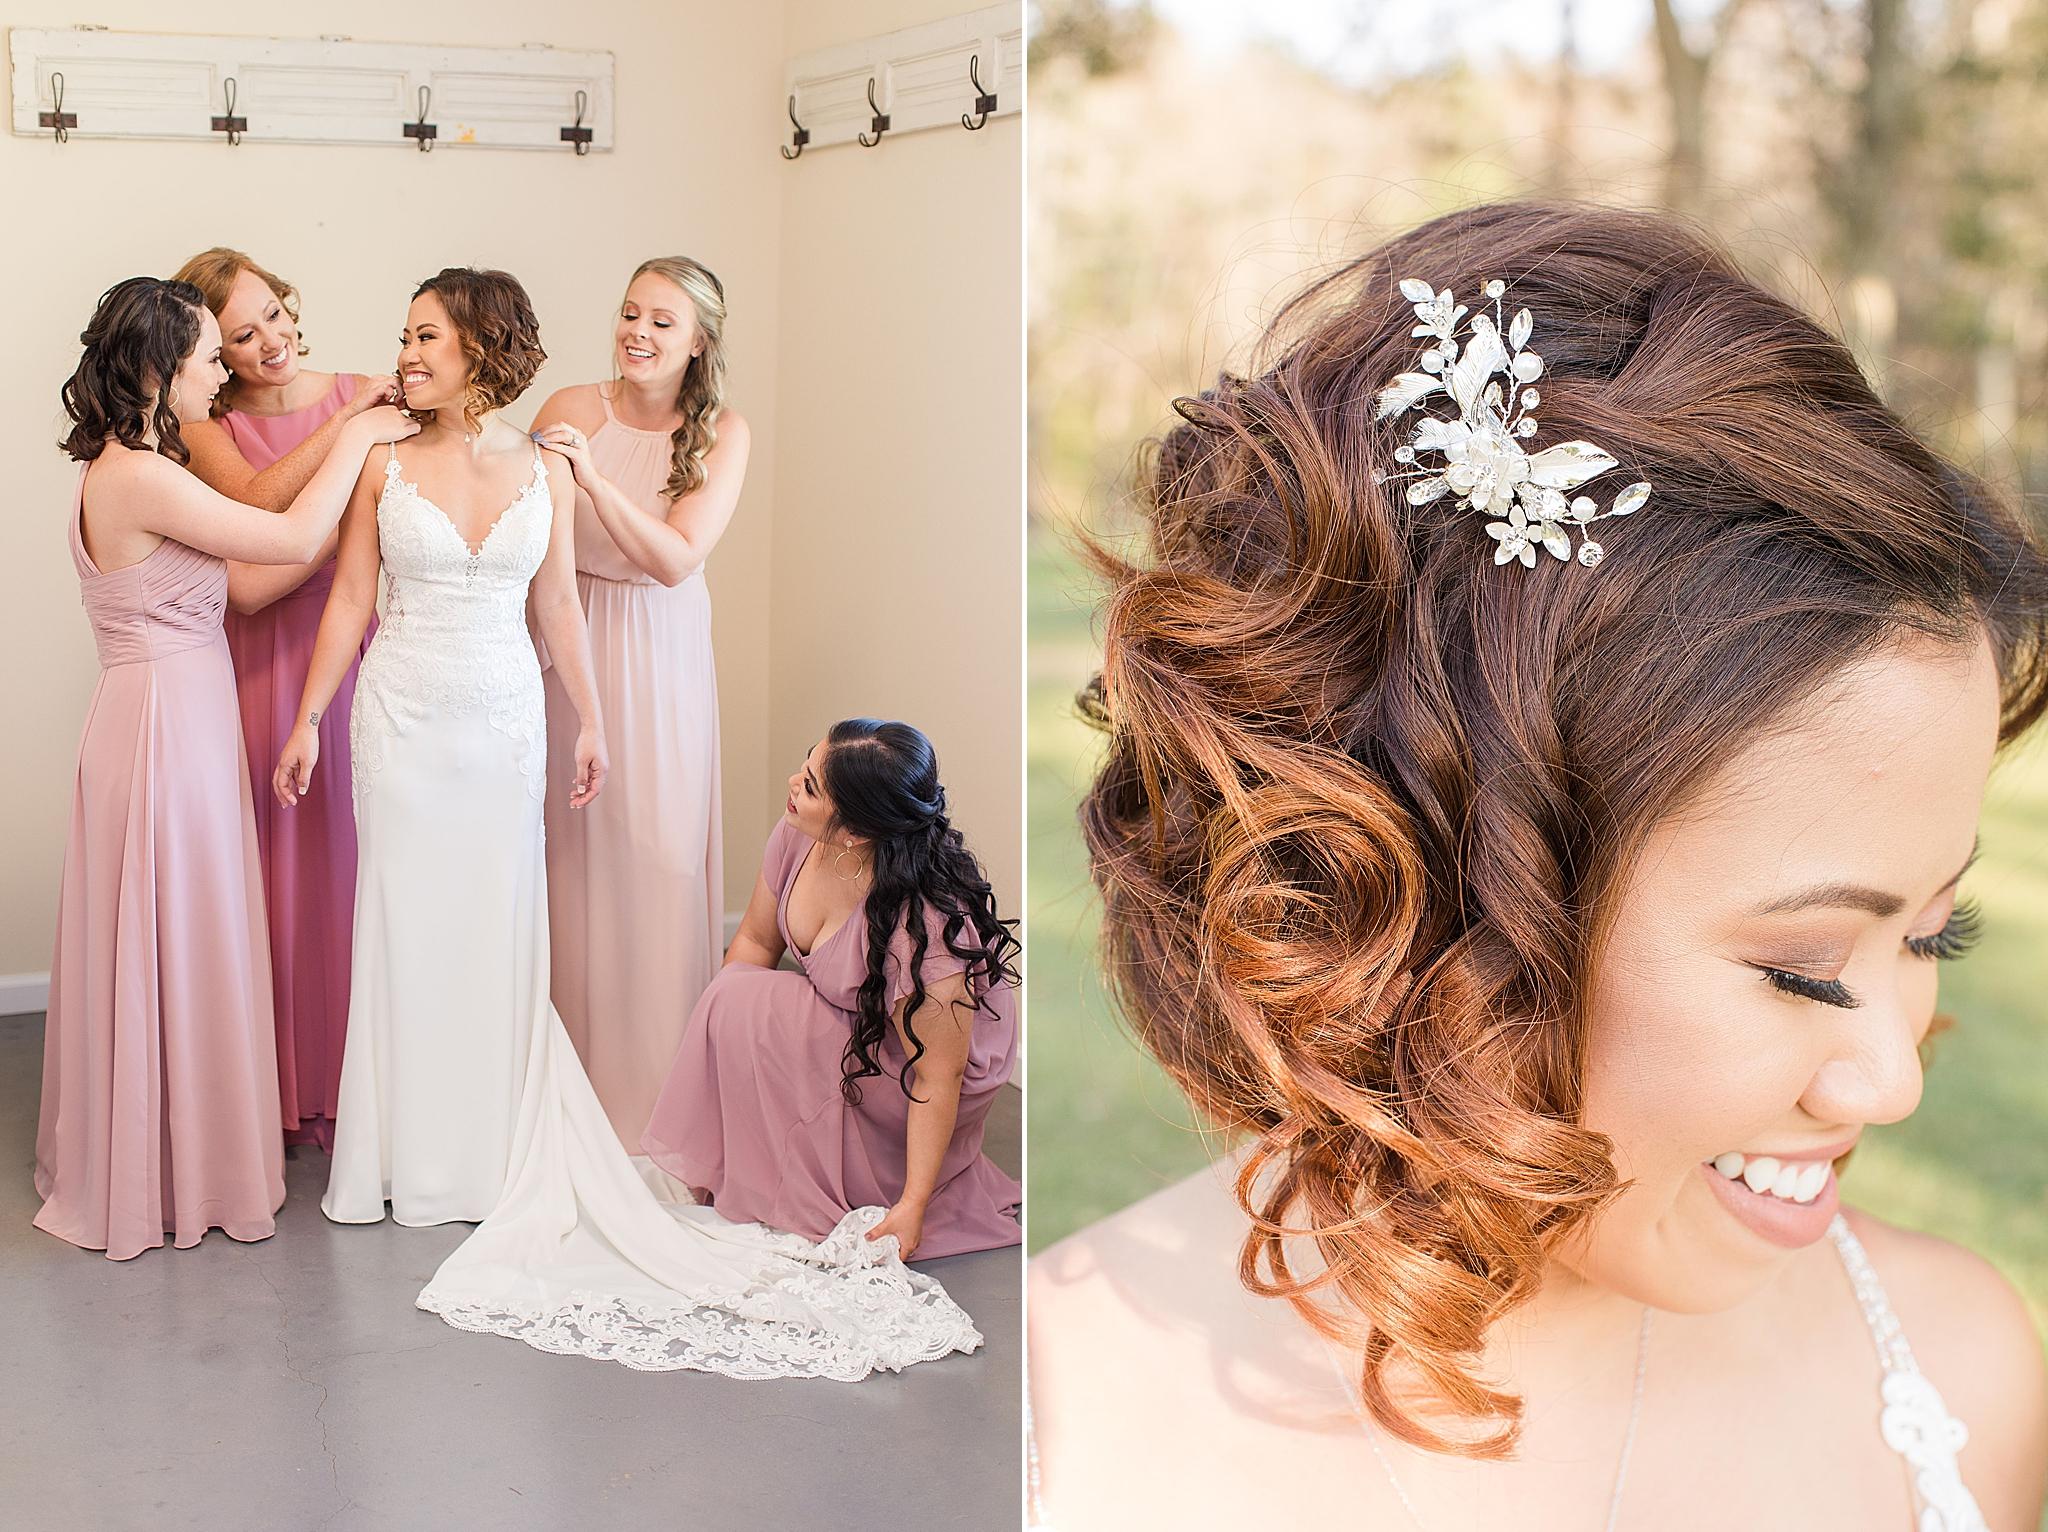 bridesmaids help bride prepare for AL wedding